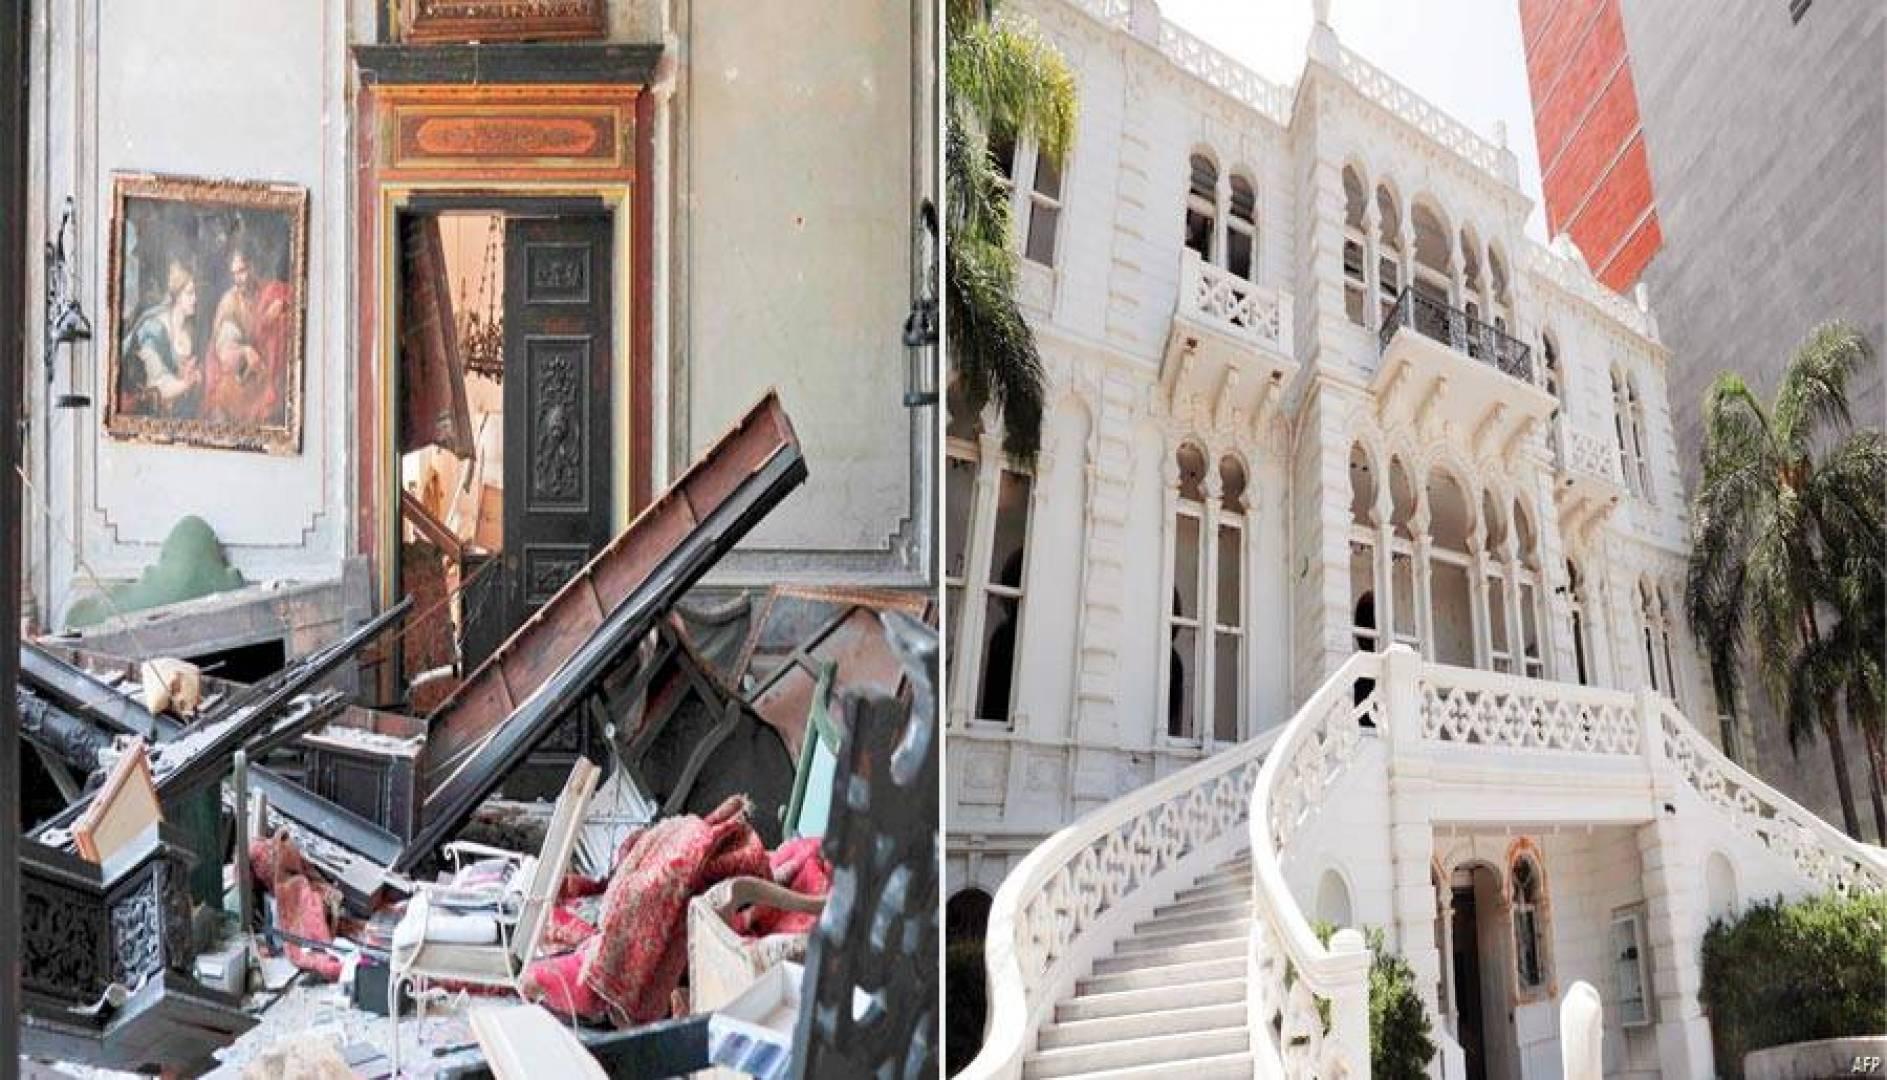 انفجار المرفأ دمر قصر سرسق الذي يعود بناؤه إلى القرن التاسع عشر (أ. ب) - الانفجار الهائل فعل بالقصر ما لم تفعله حربان عالميتان وحرب أهلية (أ. ب)